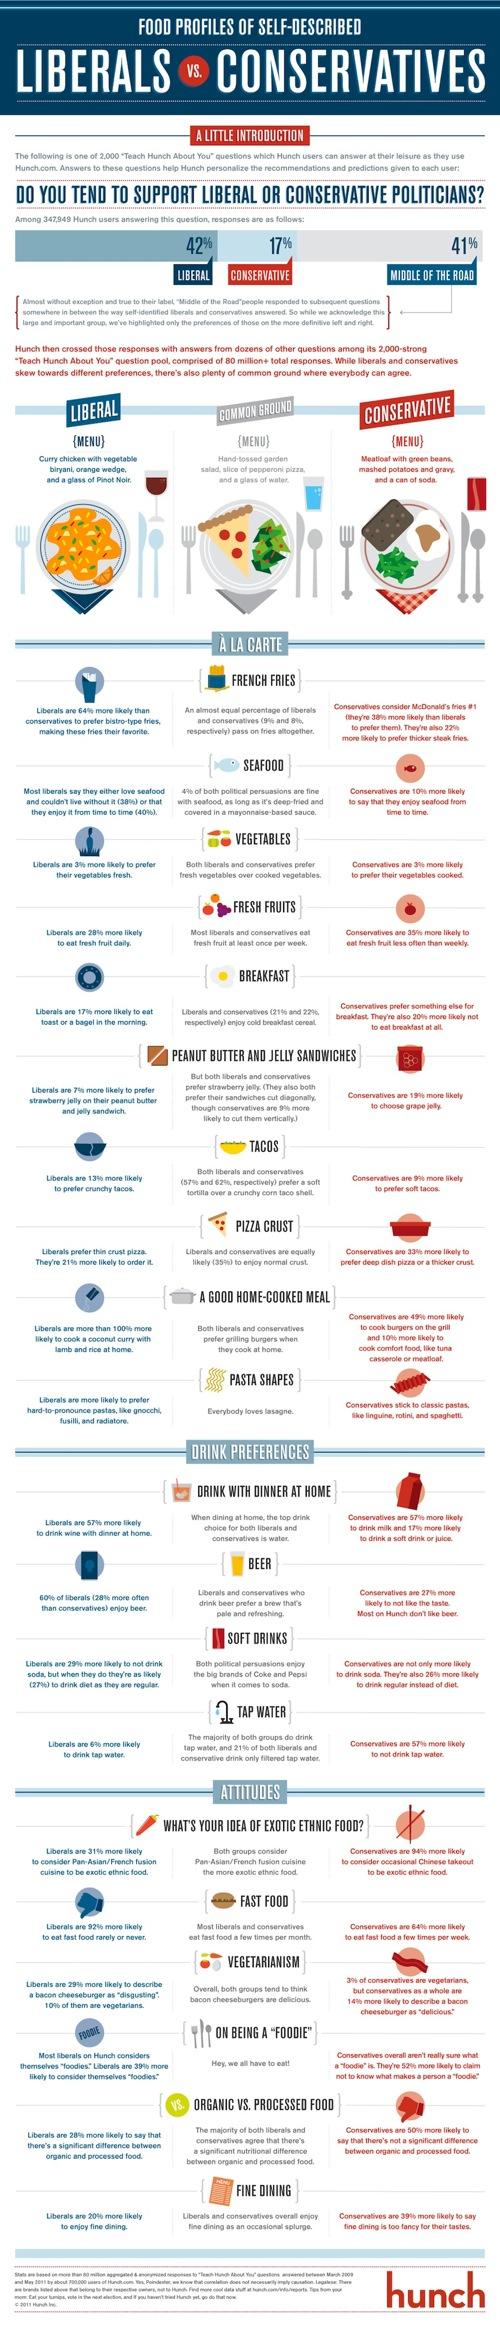 food profiles of liberals vs conservatives